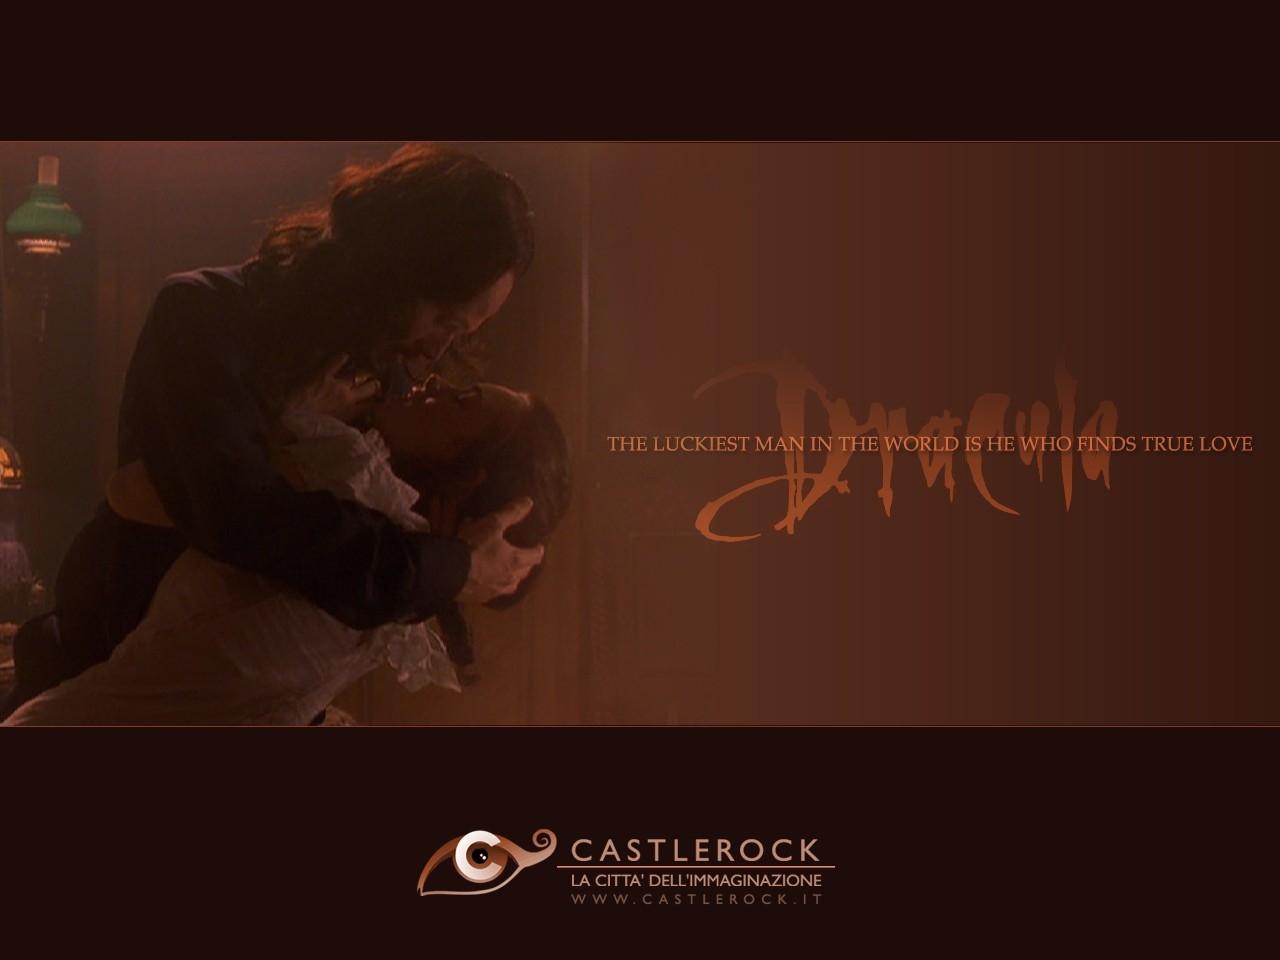 Wallpaper del film Dracula con i due amanti